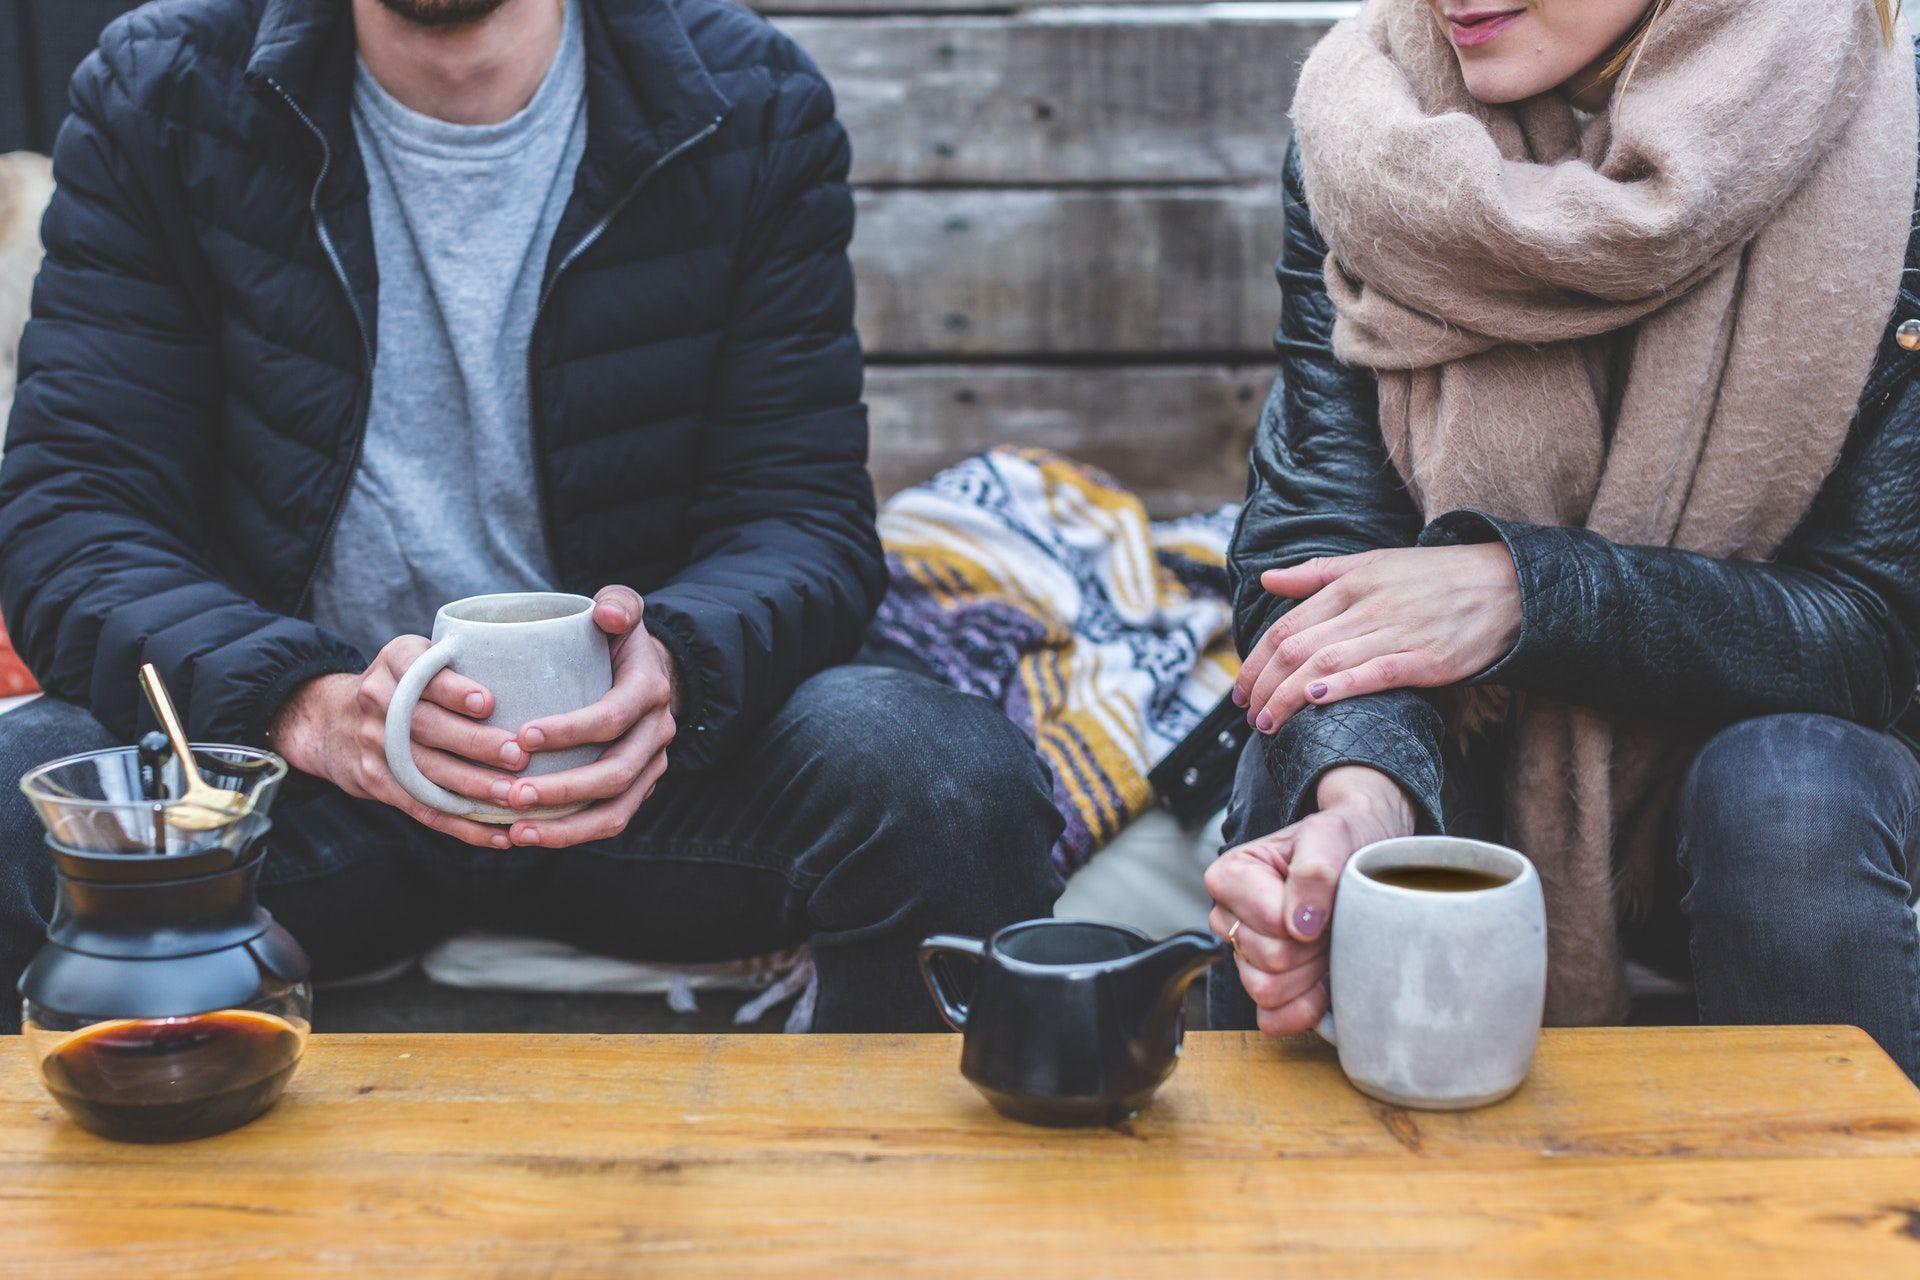 Память предков проявляется за чашкой кофе